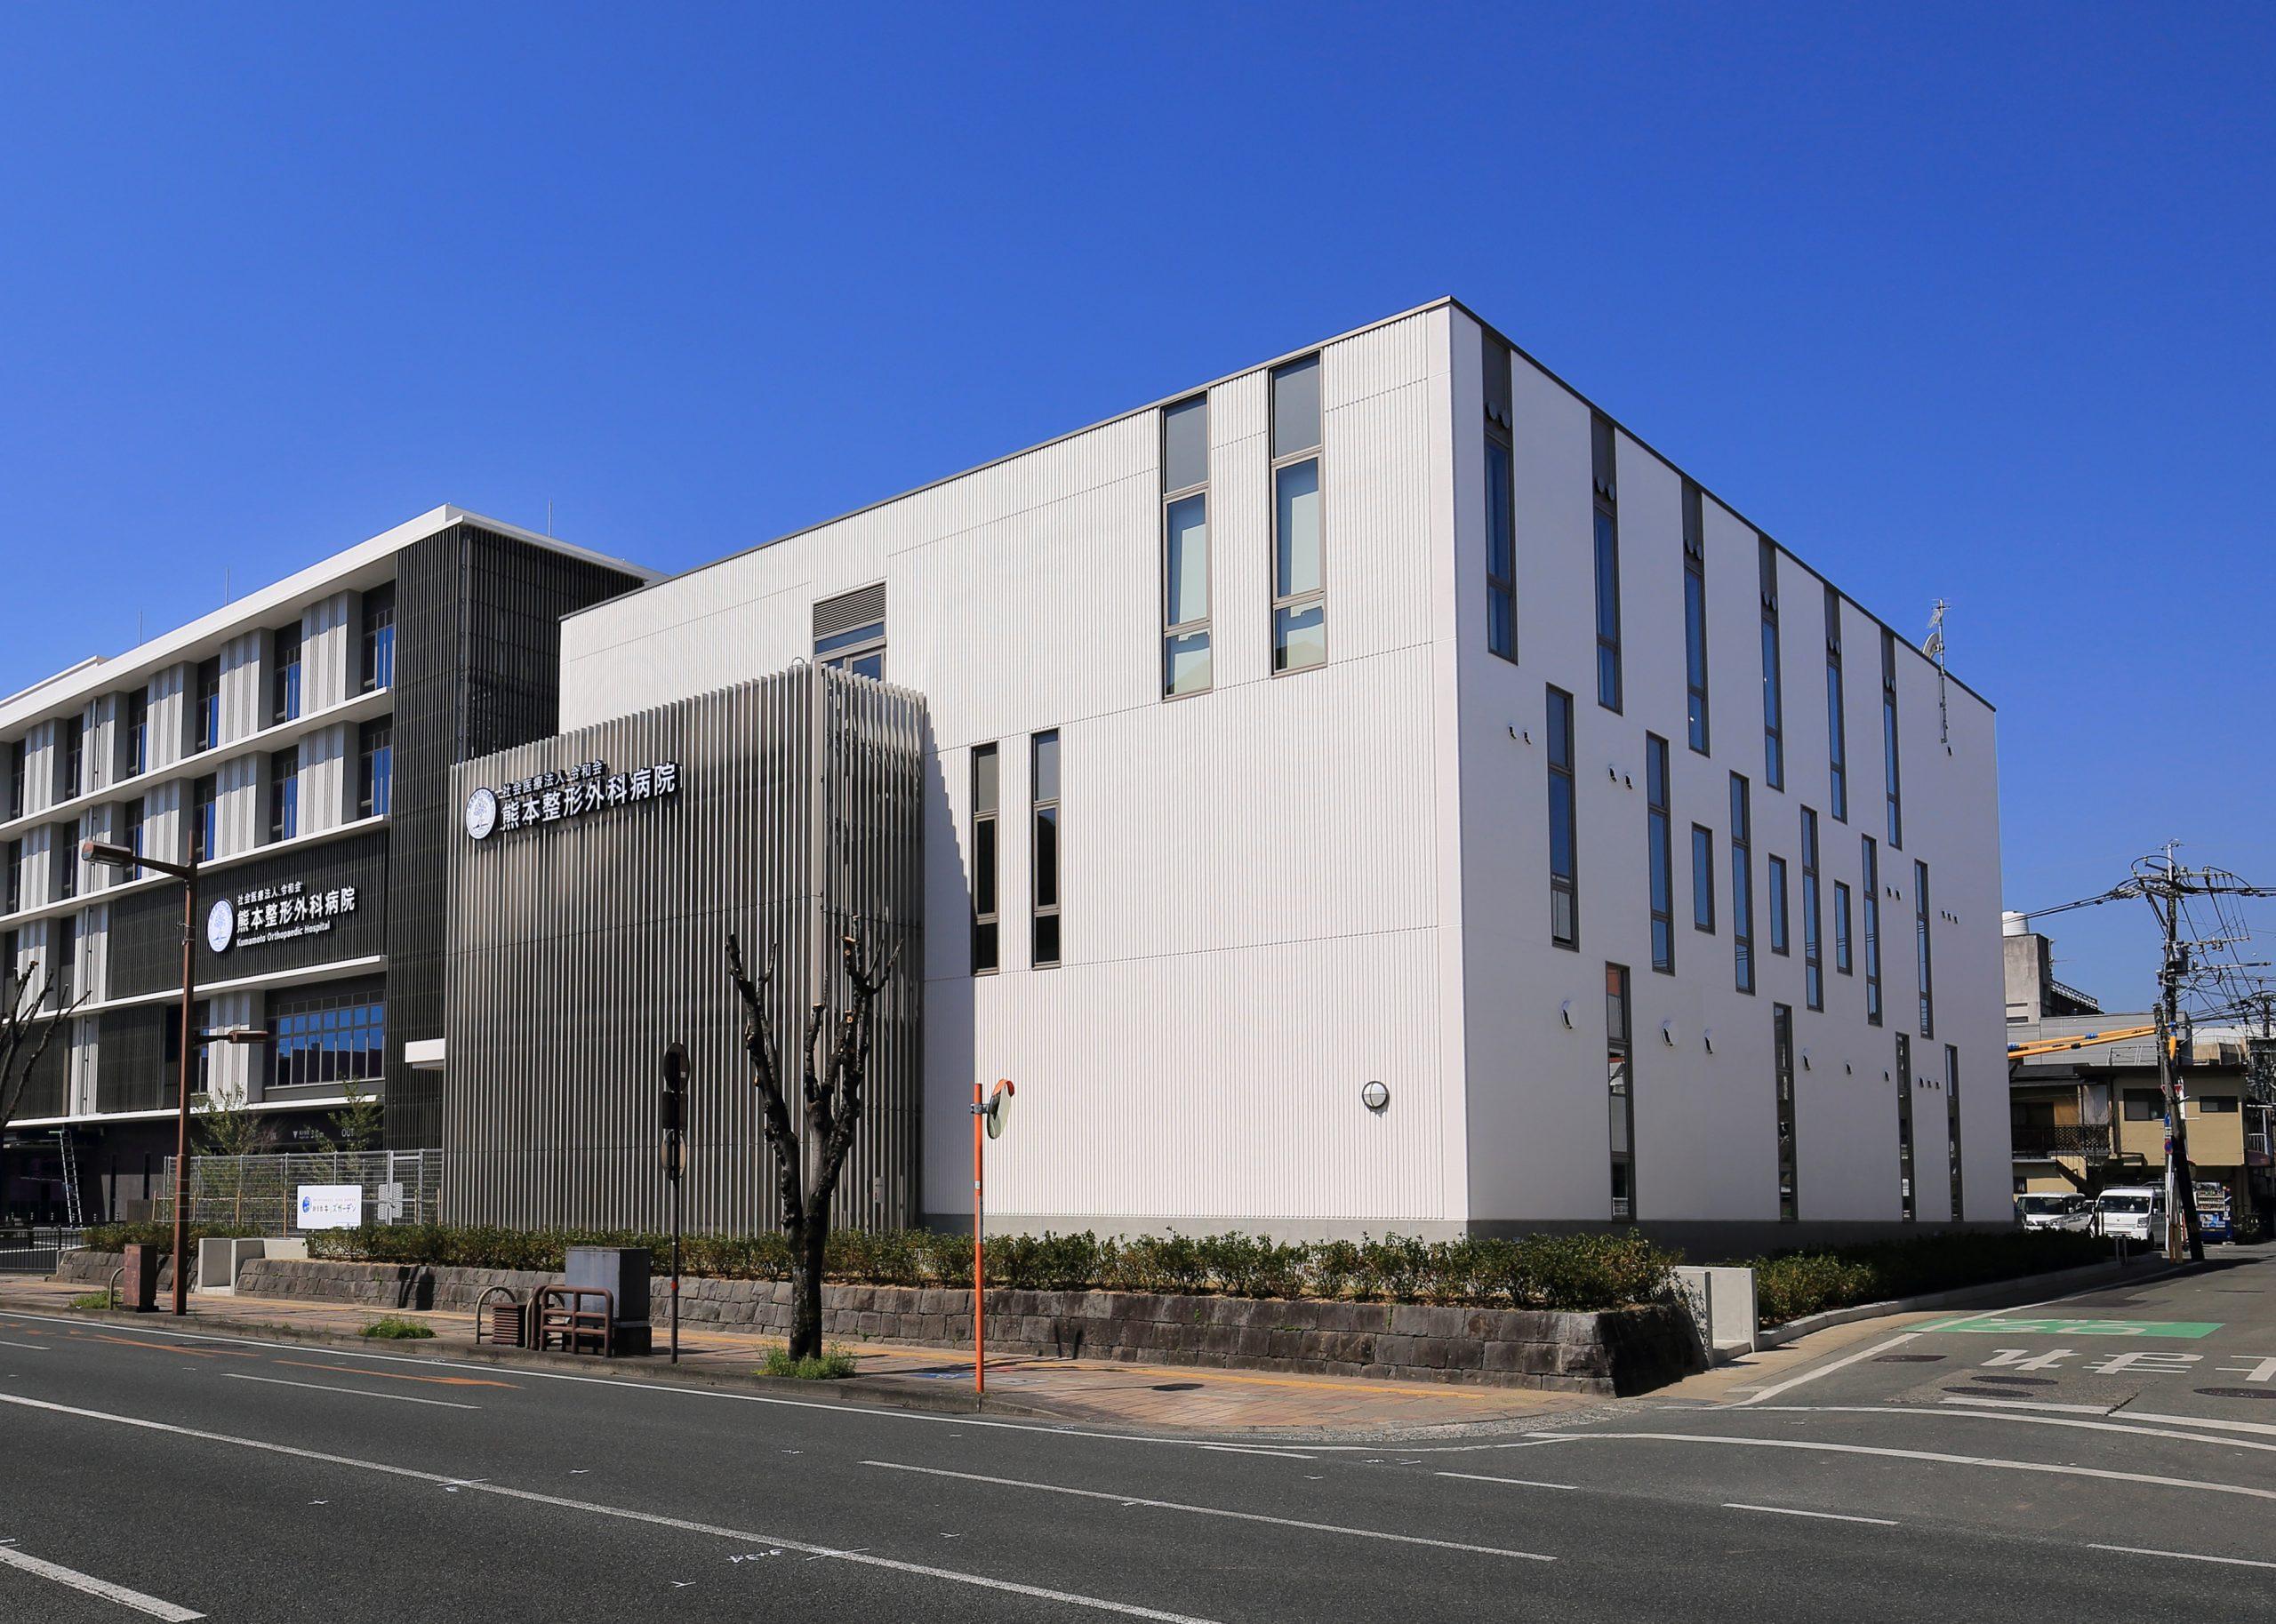 熊本整形外科病院管理棟新築